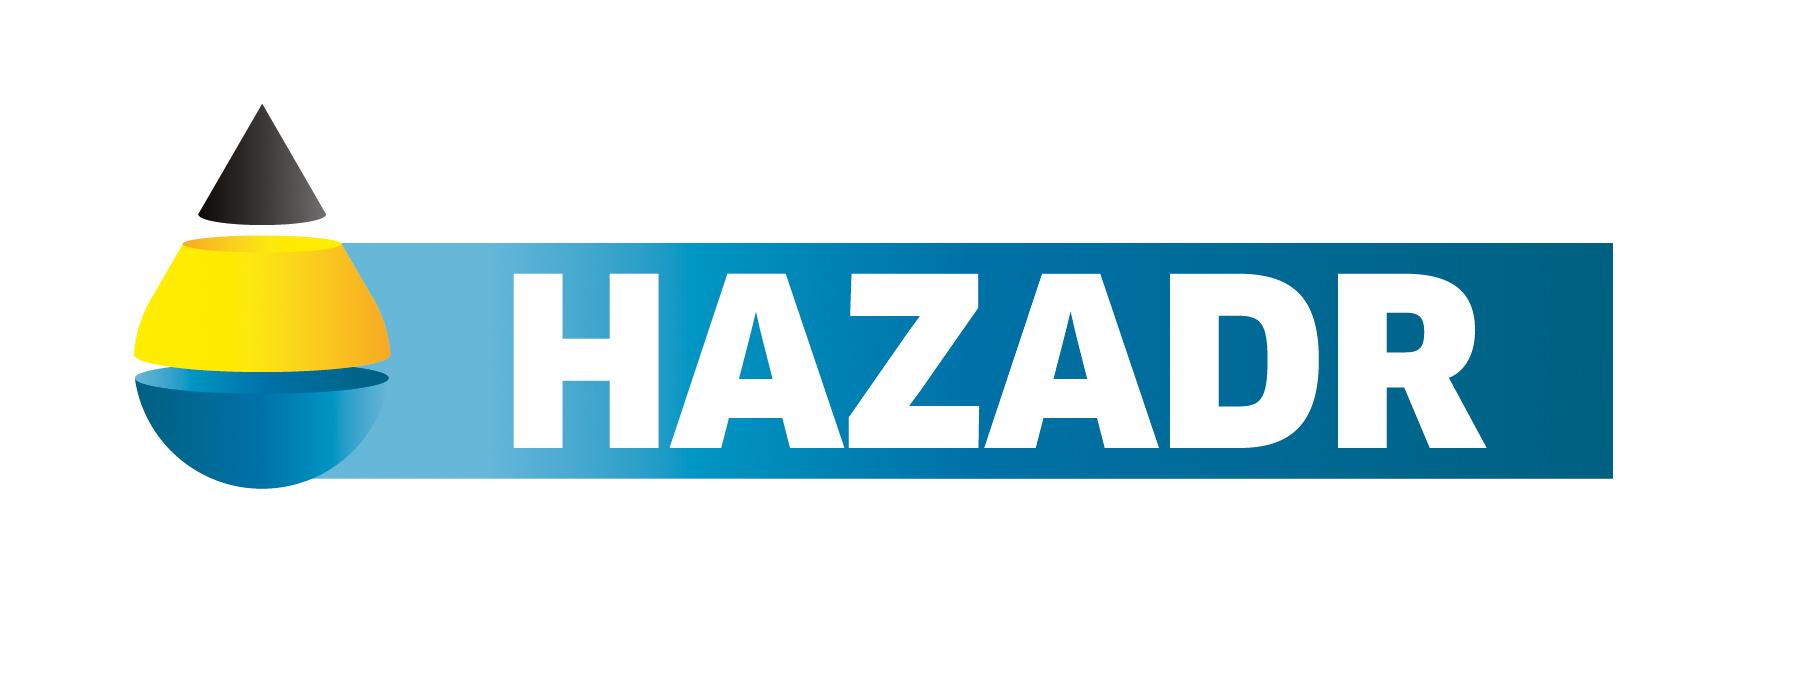 HAZADR